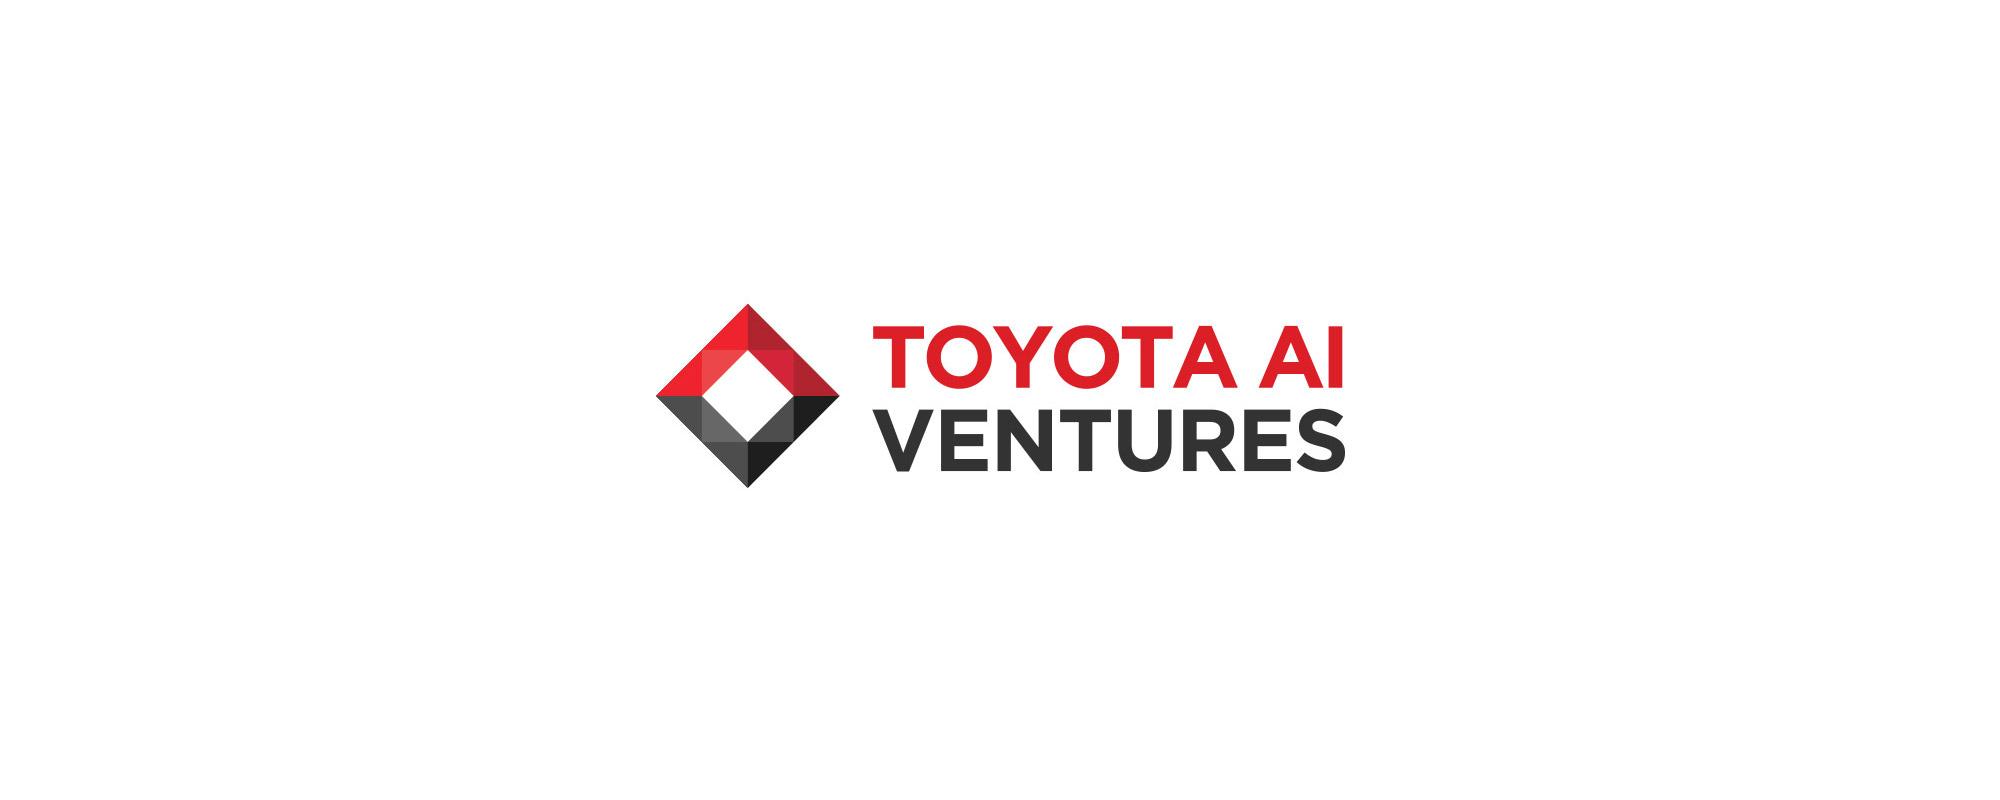 Toyota AI Ventures kondigt investeringsfonds van 100 miljoen Amerikaanse dollar aan